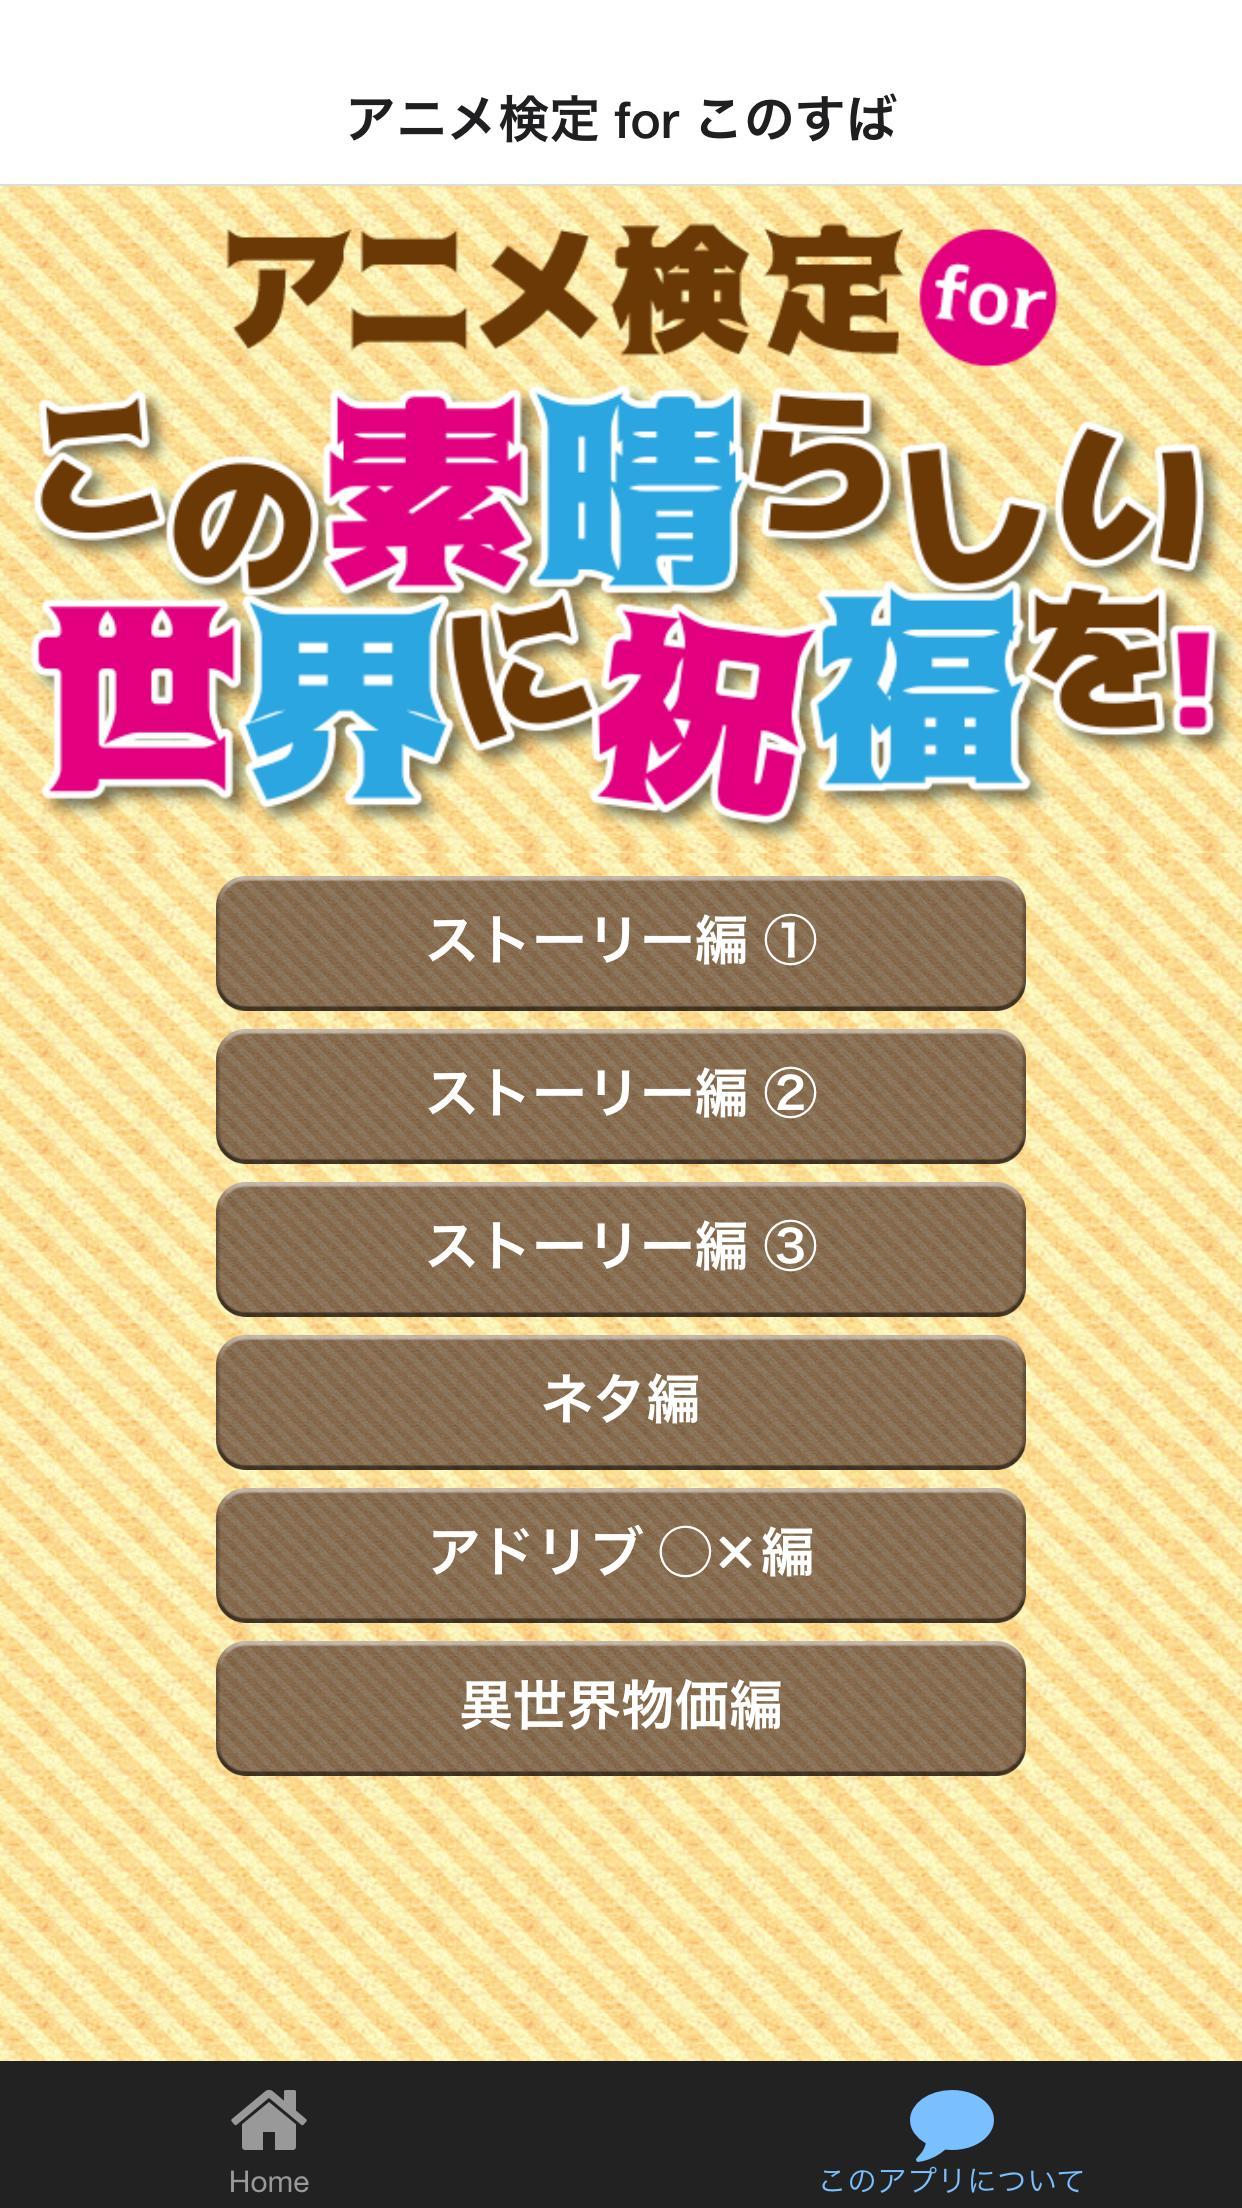 アニメ検定 For このすば For Android Apk Download